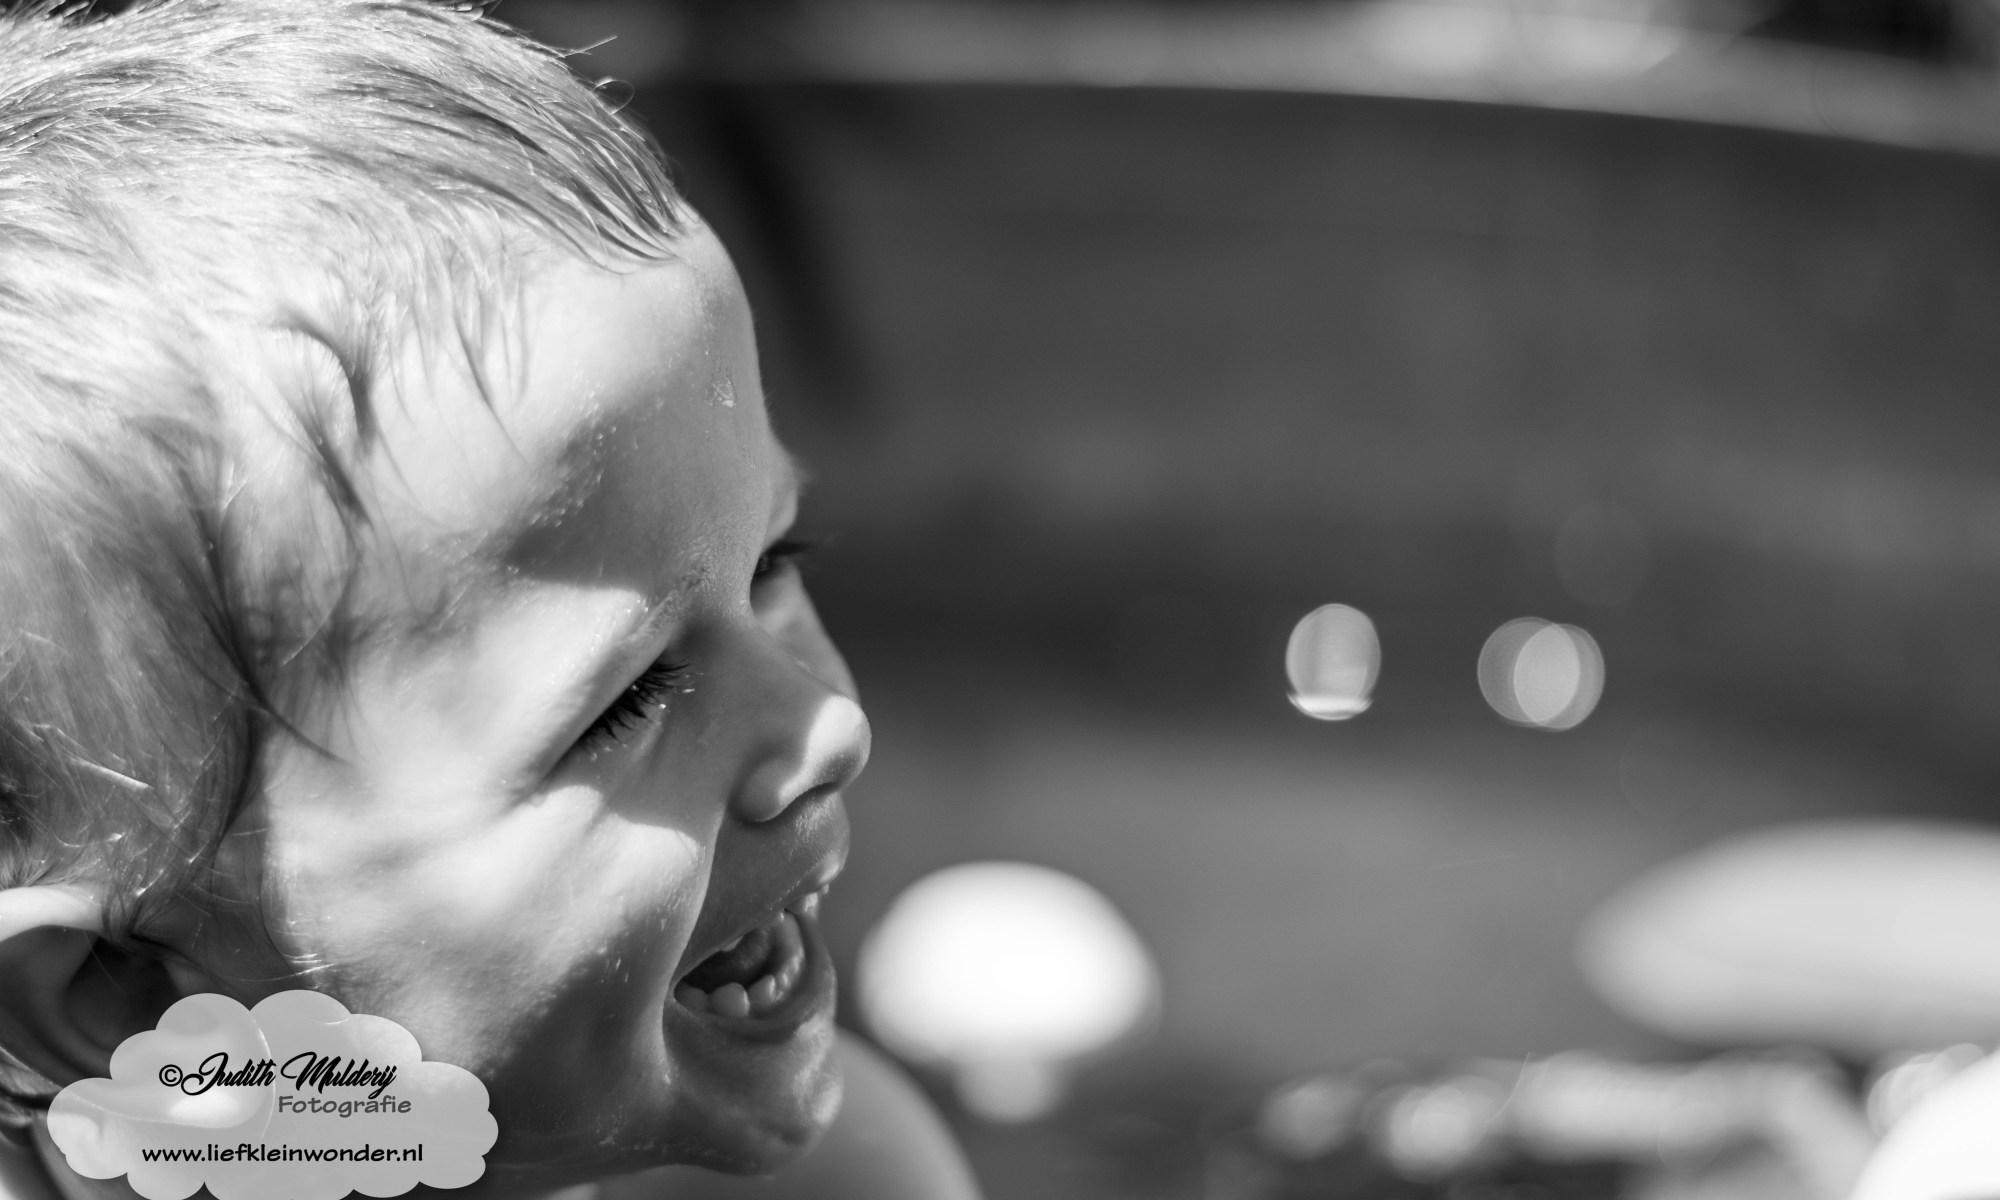 Jayden 2 jaar en 6 maanden oud mama blog zwangerschap ontwikkeling peuter dreumes www.liefkleinwonder.nl - badderen in de tuin zwembad spaceykuip